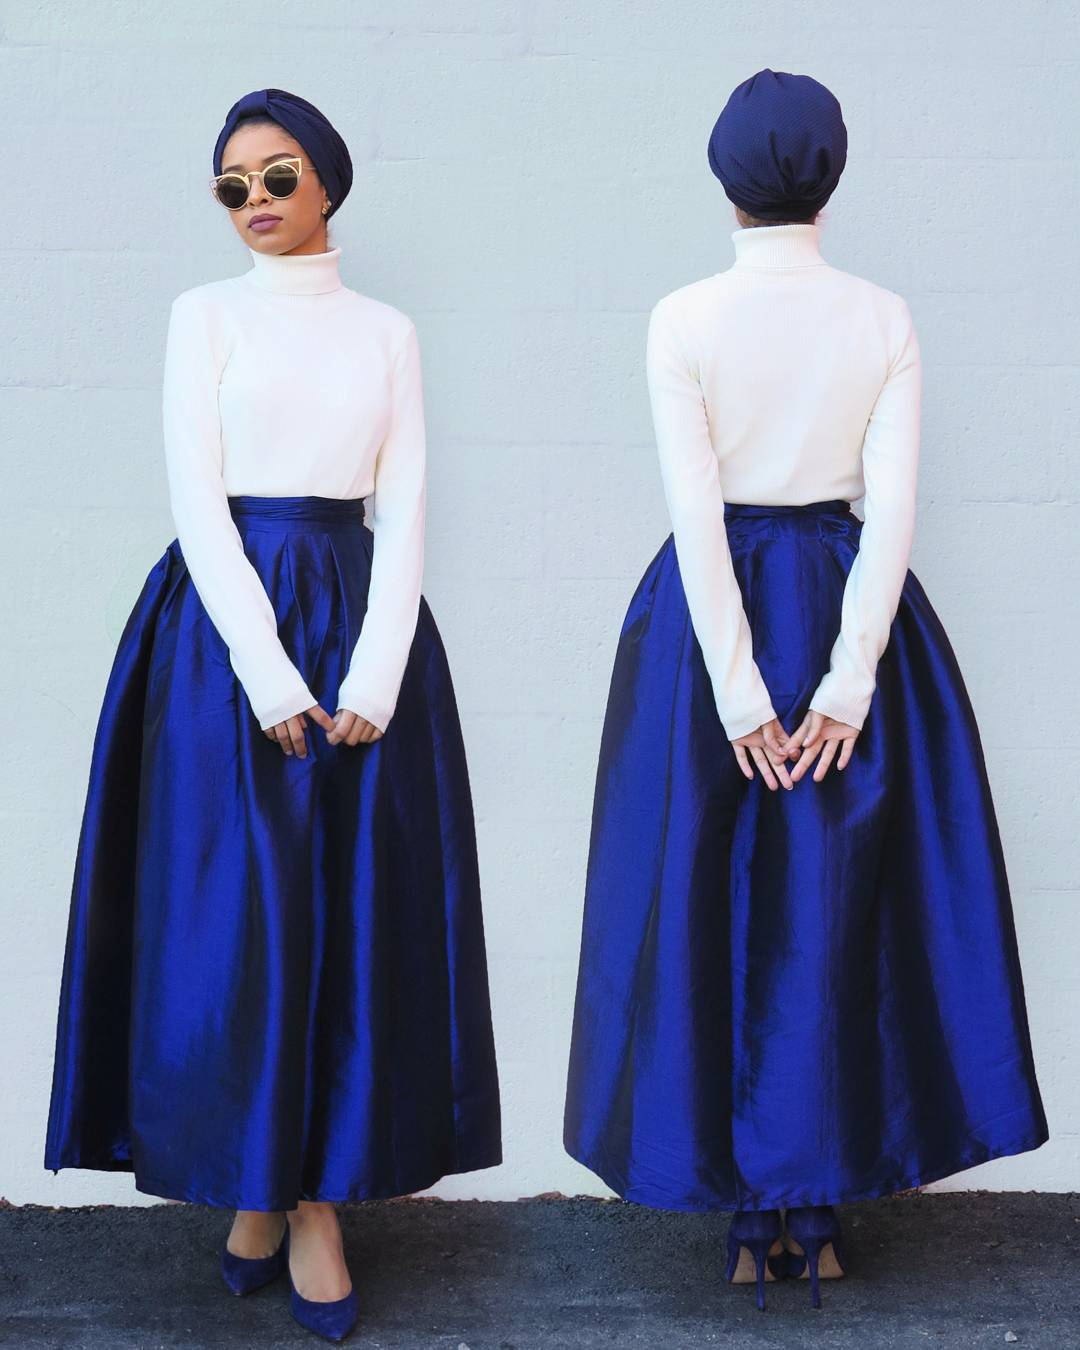 unbelievably_beautiful_women_wearing_hijabs_on_ig_06